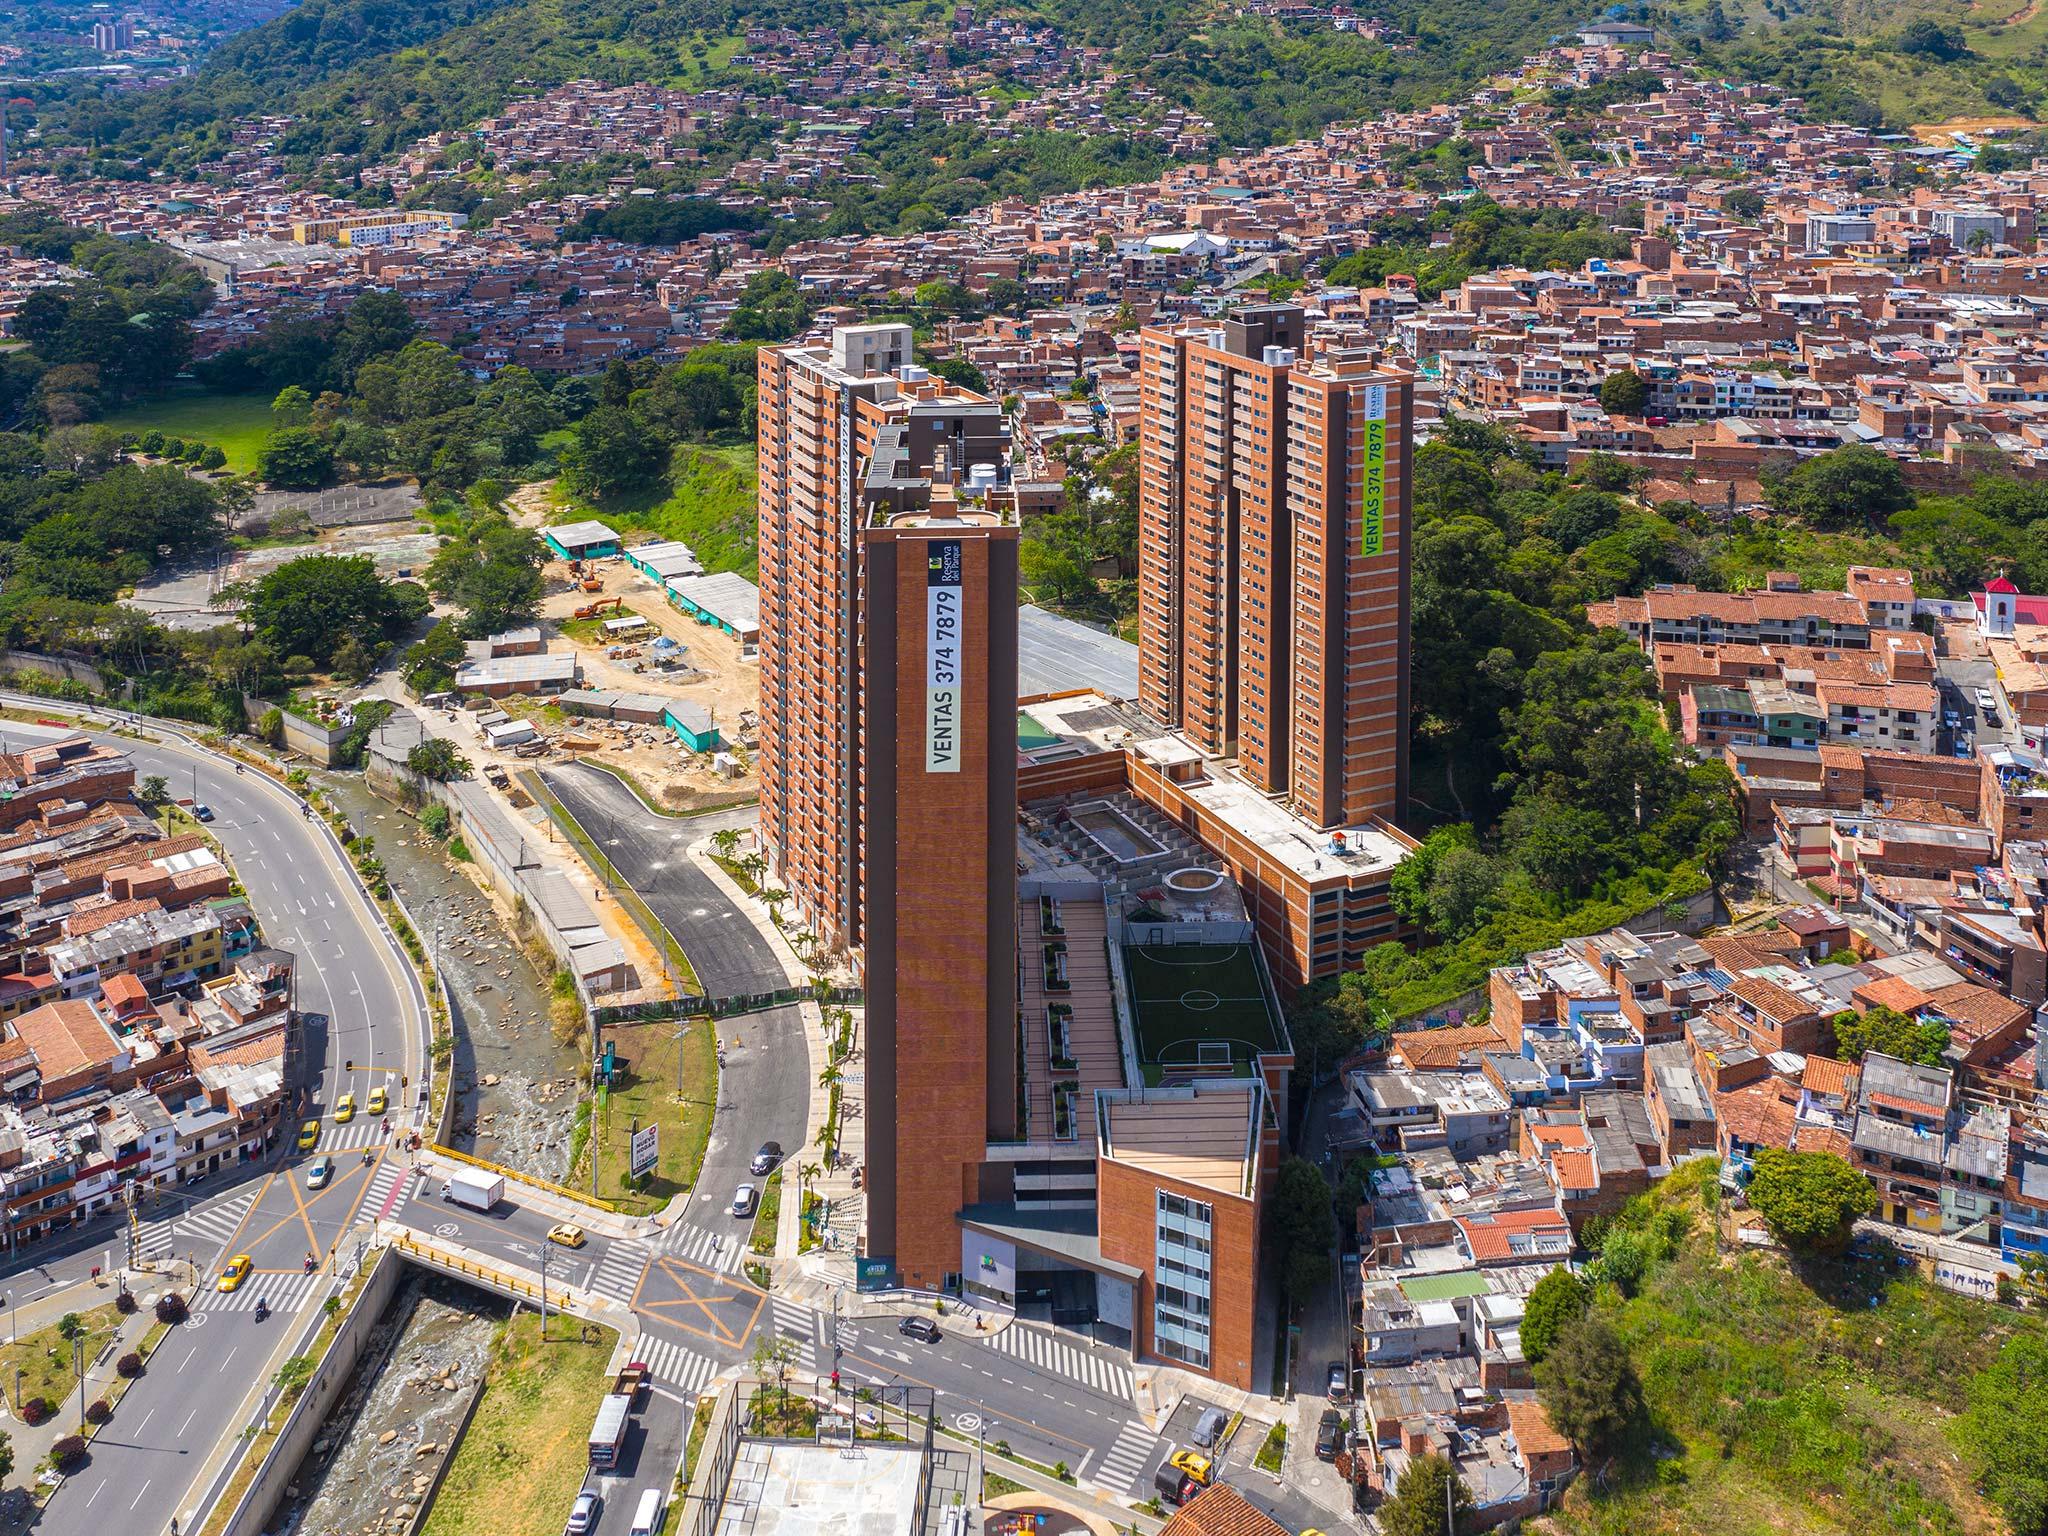 FOTOS AVANCE DE OBRA RESERVA DEL PARQUE